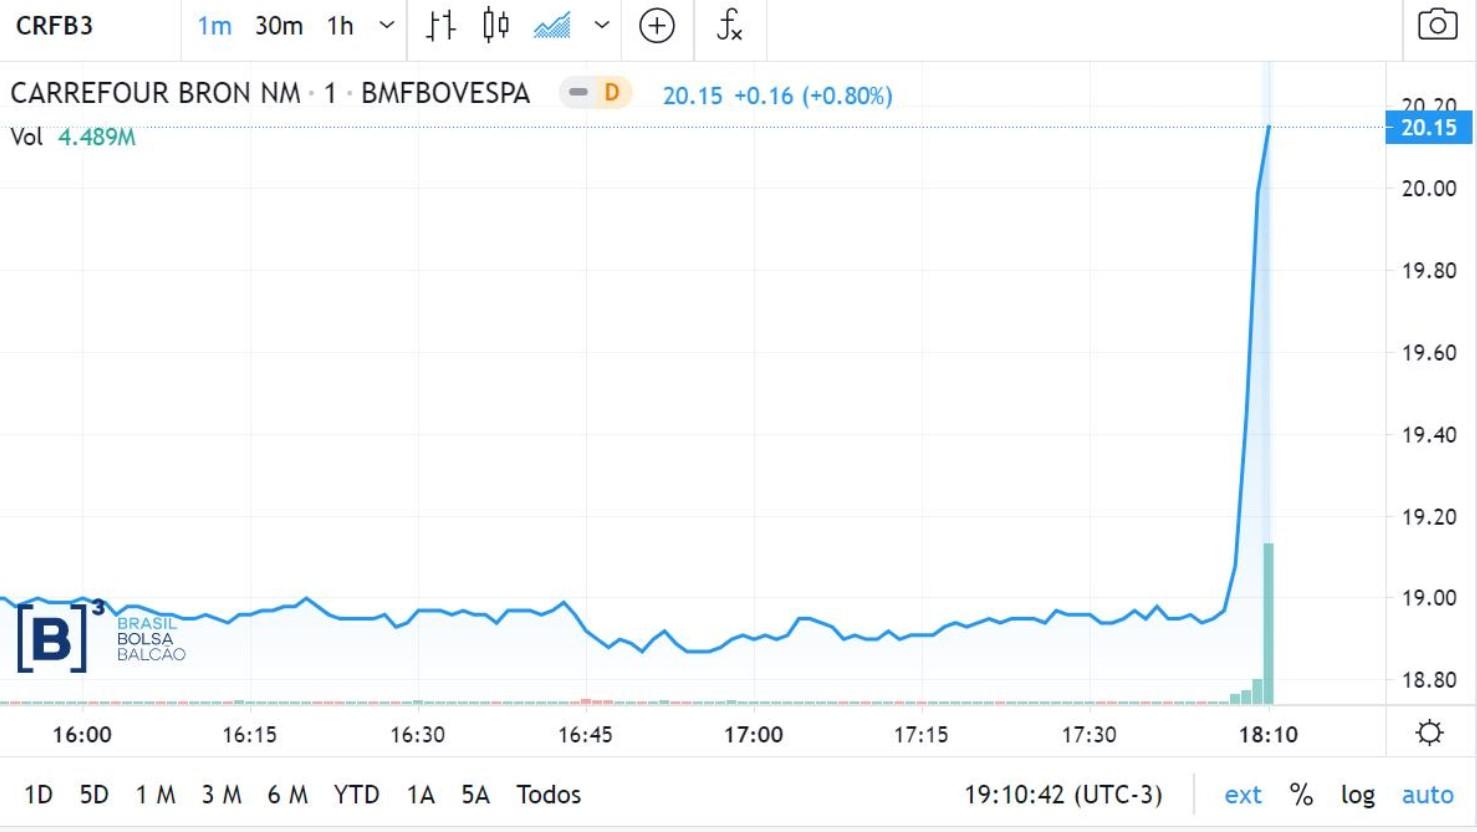 Gigante canadense avalia compra do Carrefour, diz Bloomberg; ação fecha com salto de 6% na B3 thumbnail